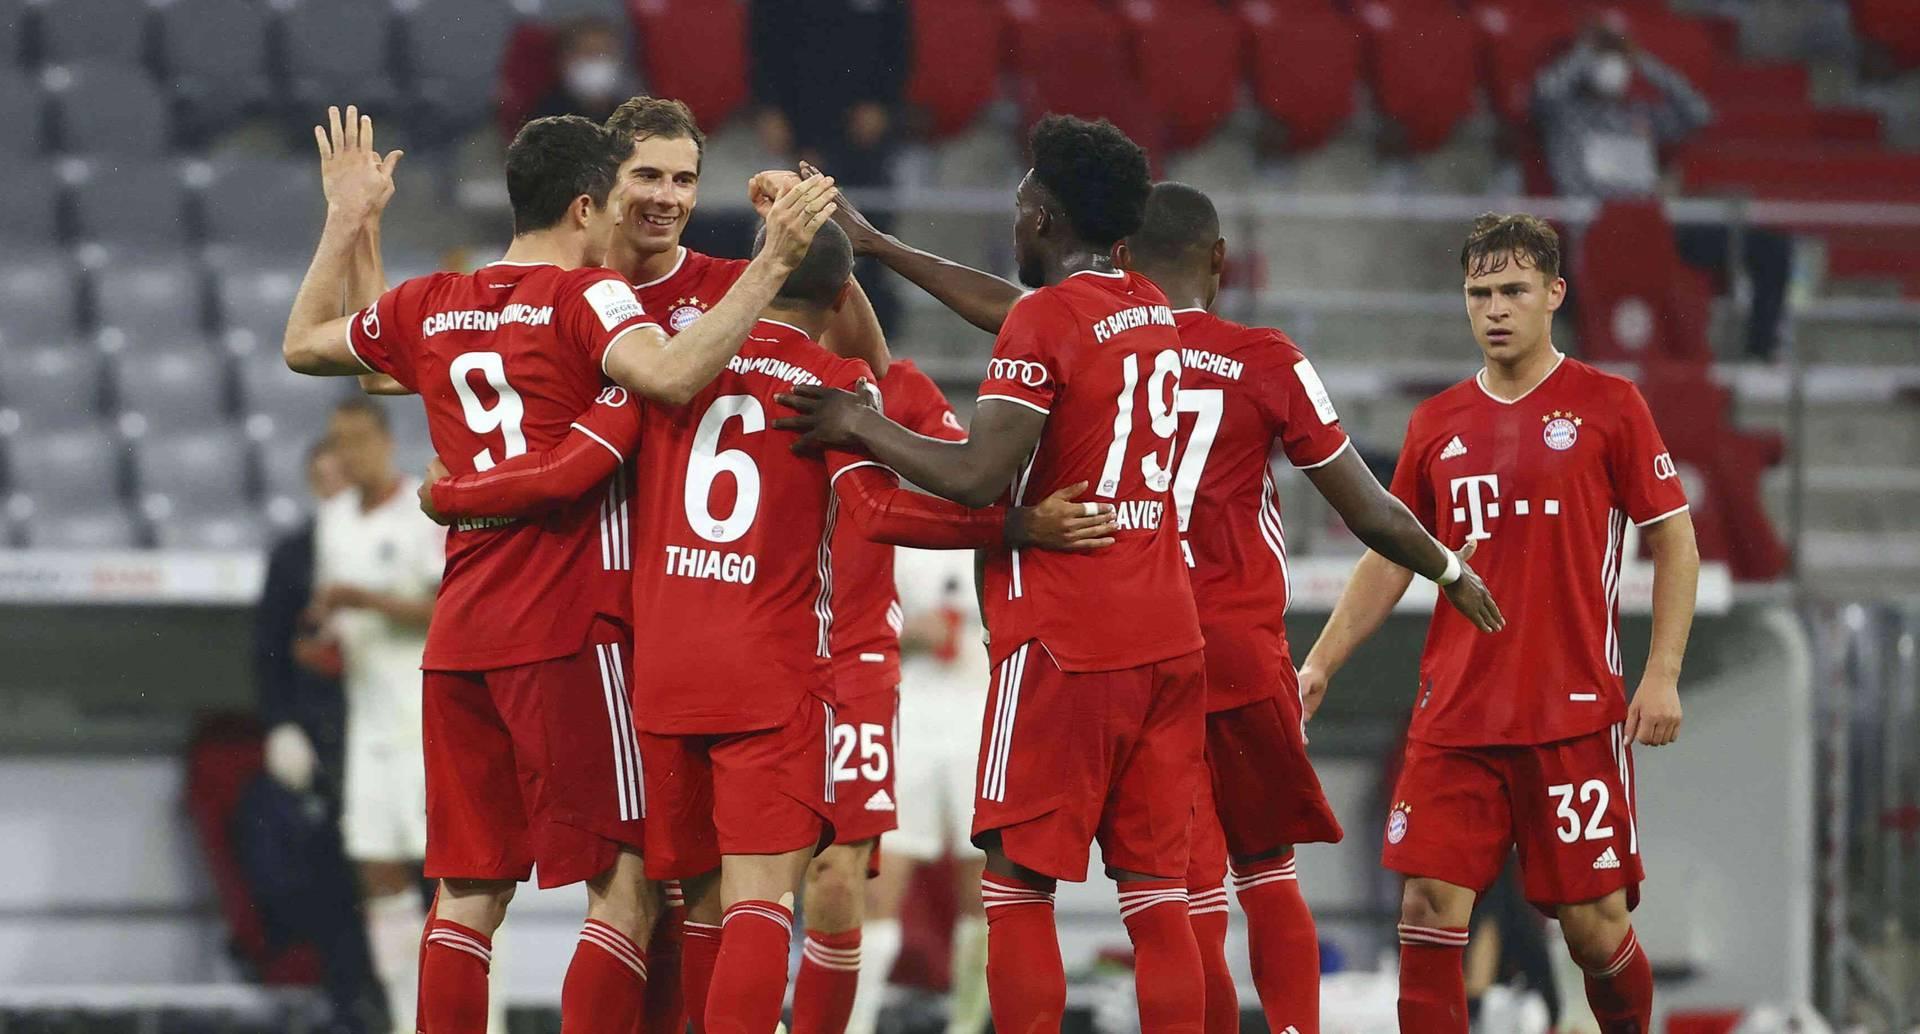 Haaland salva al Dortmund y el Bayern Múnich debe esperar para ser campeón/Foto: AP